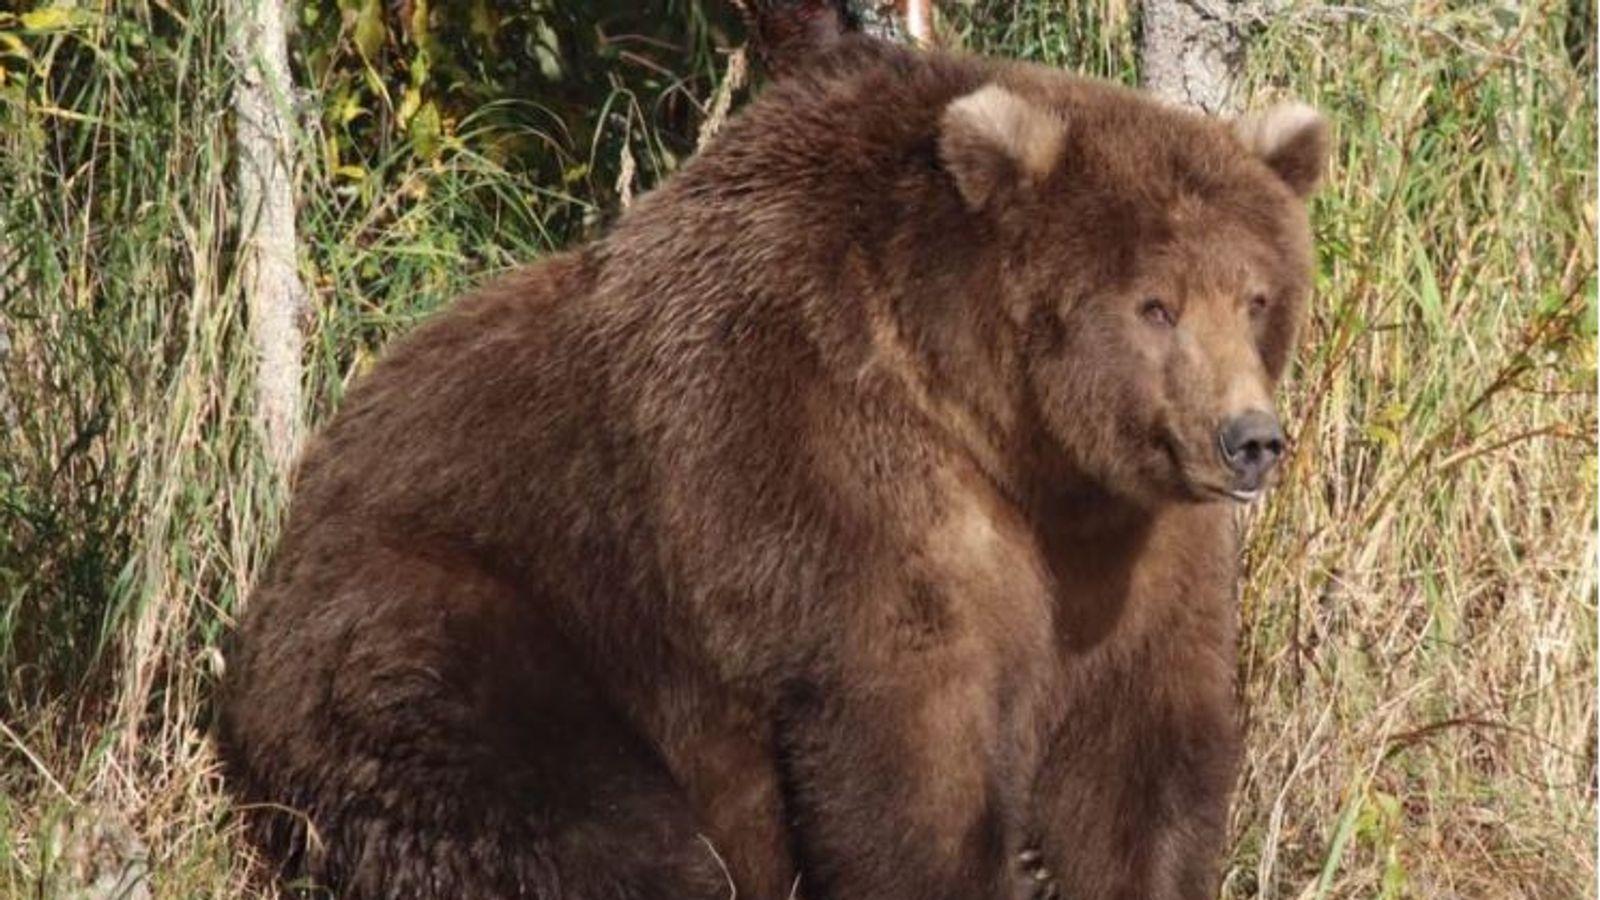 Beadnose的'神话般的松弛'赢得了最肥胖的熊竞争